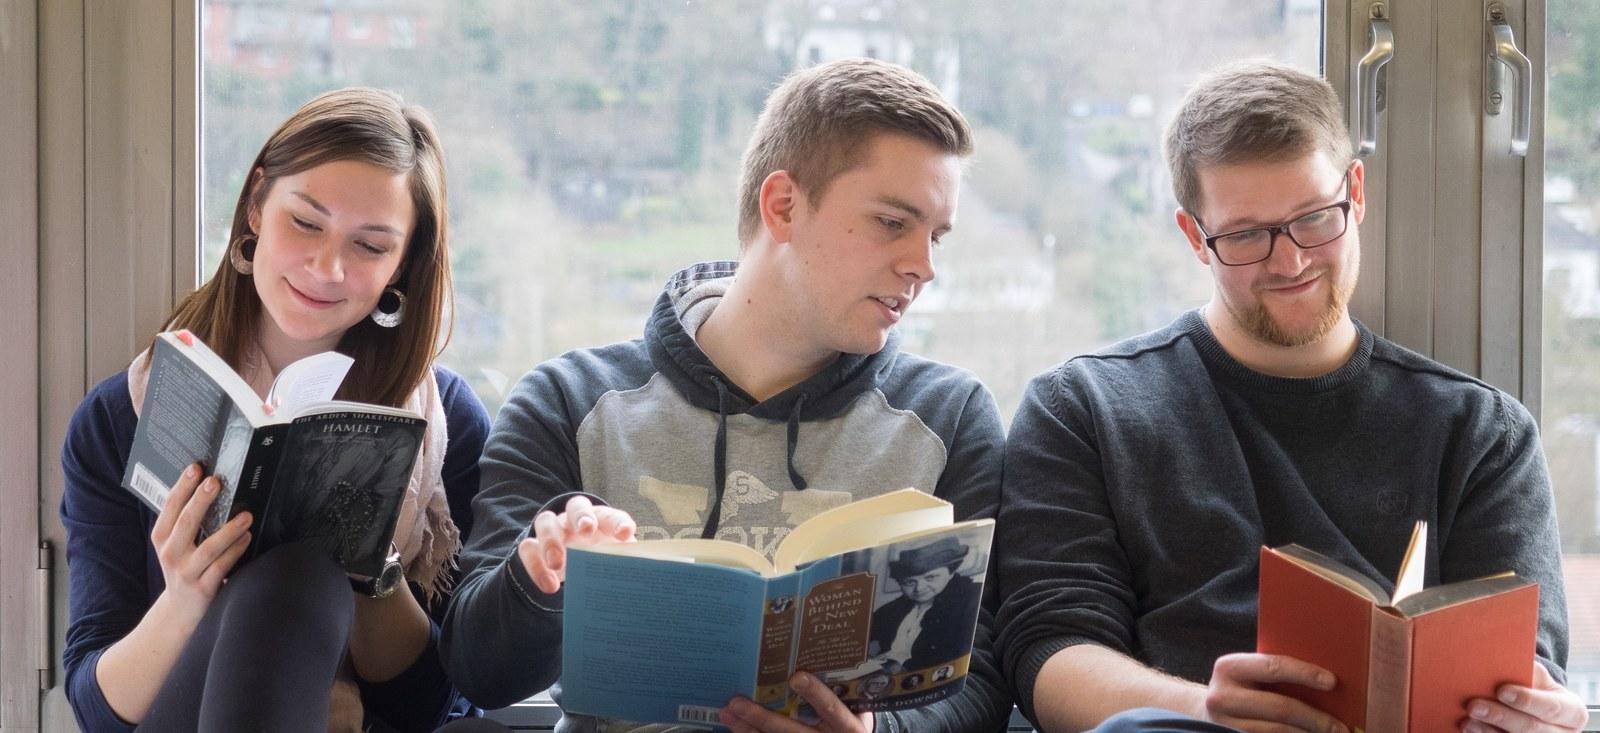 Studierende lesend auf Fensterbank